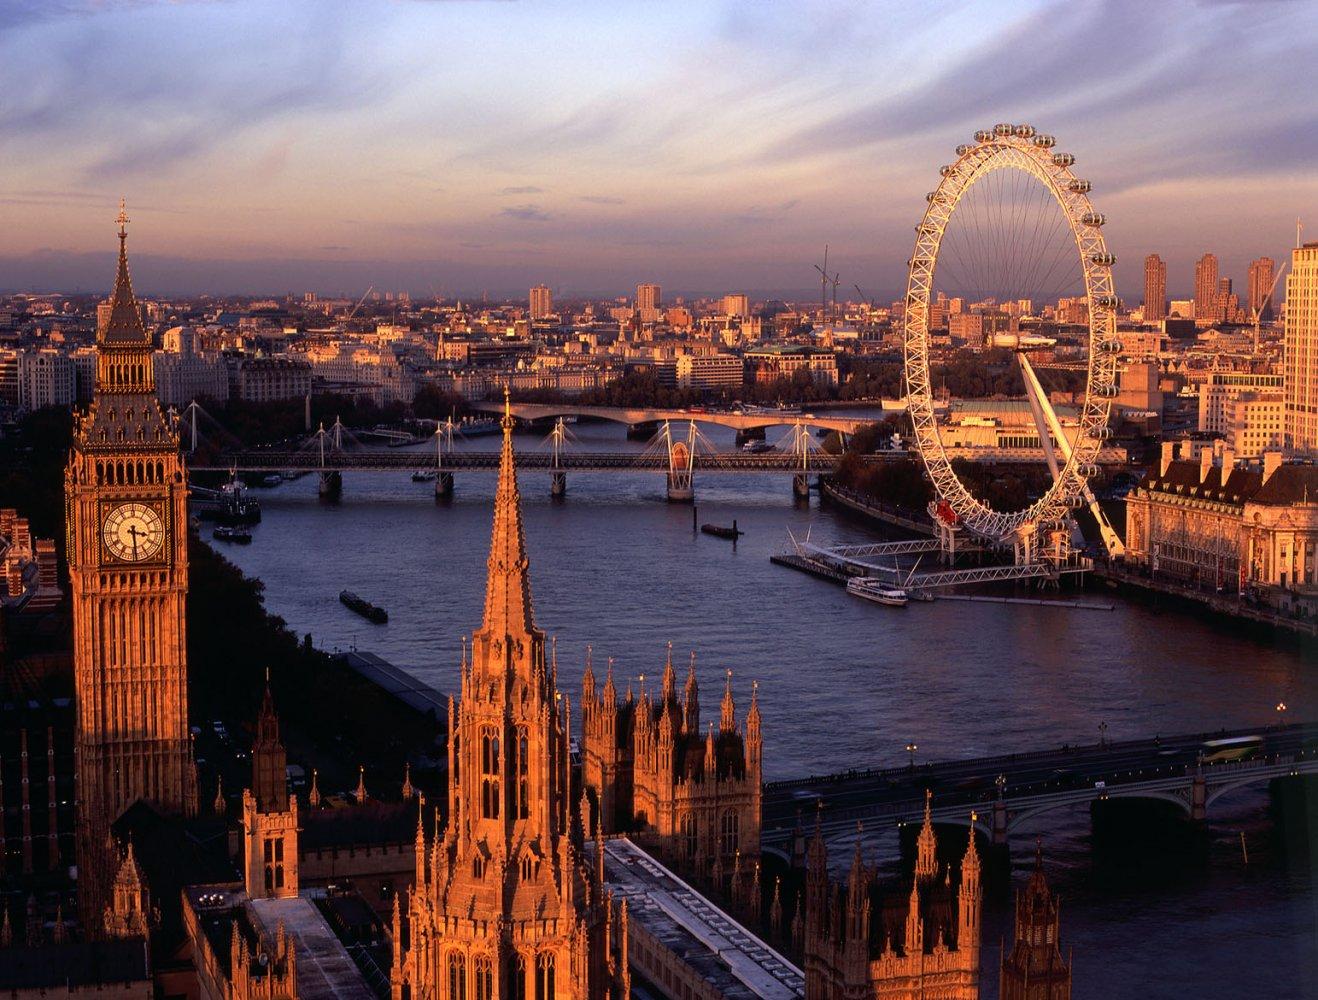 Фото Лондонский глаз. Великобритания, Лондон, Вестминстер-Бридж-роуд